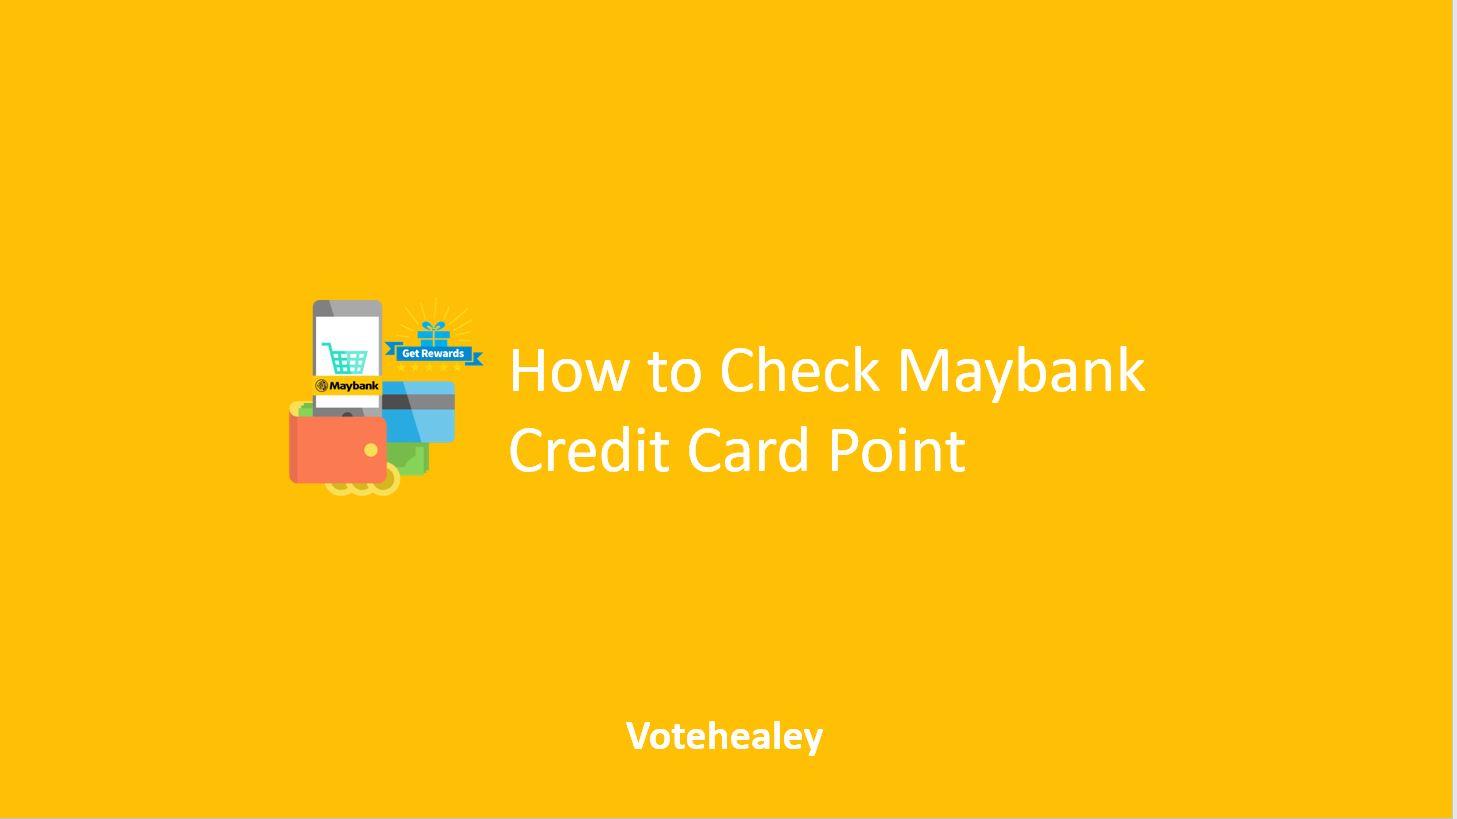 Maybank Credit Card Point